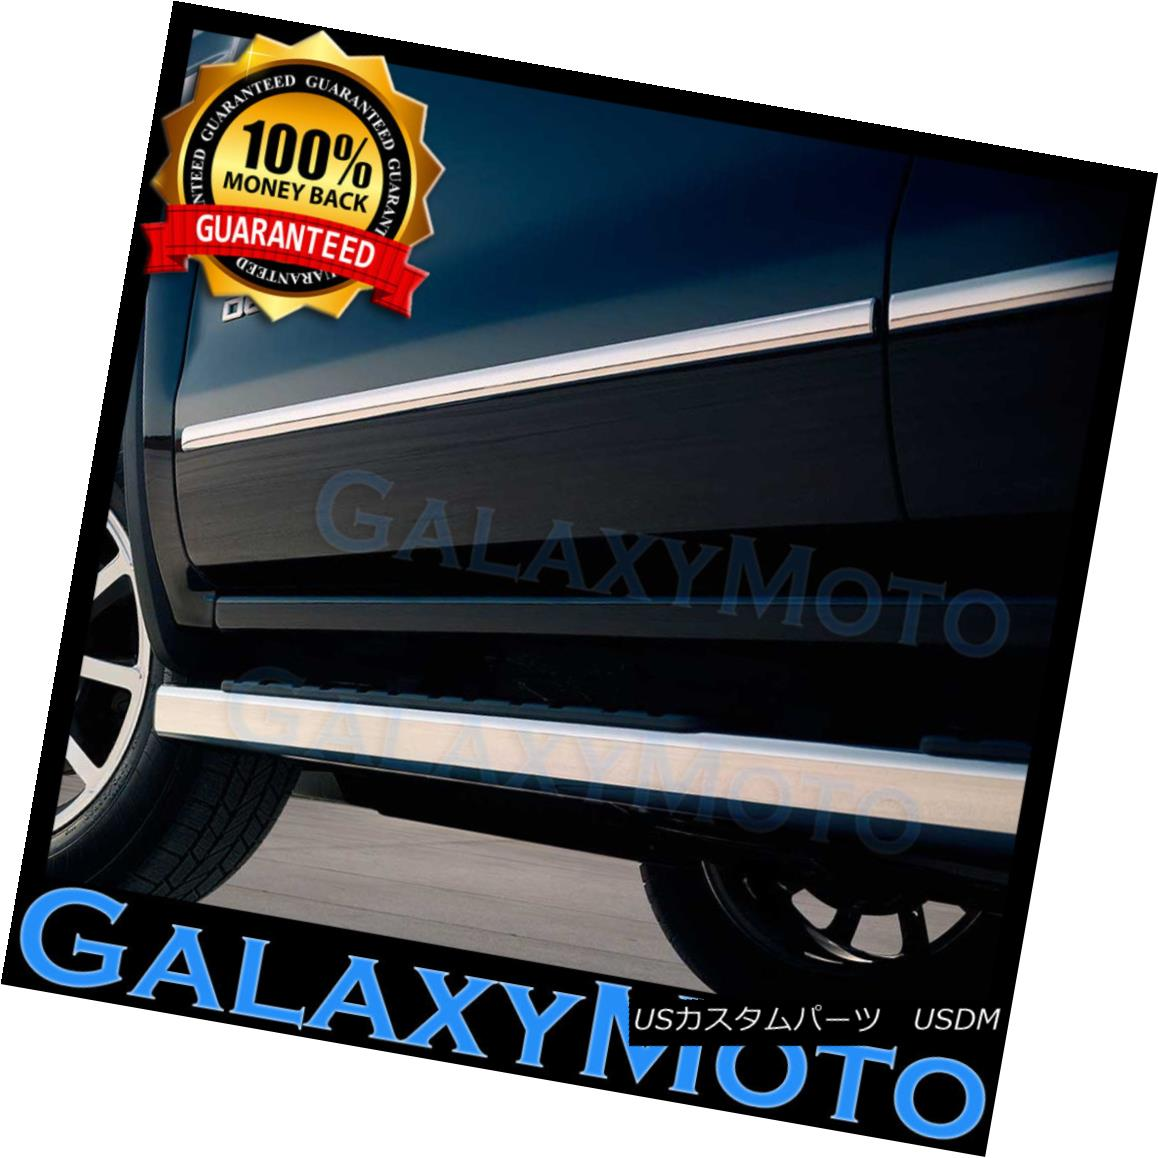 グリル 16-17 Toyota Tacoma 4 Door Front+Rear Replacement Chrome Trim Body Side Molding 16-17トヨタタコマ4ドアフロント+リア交換クロムトリムボディサイドモールディング